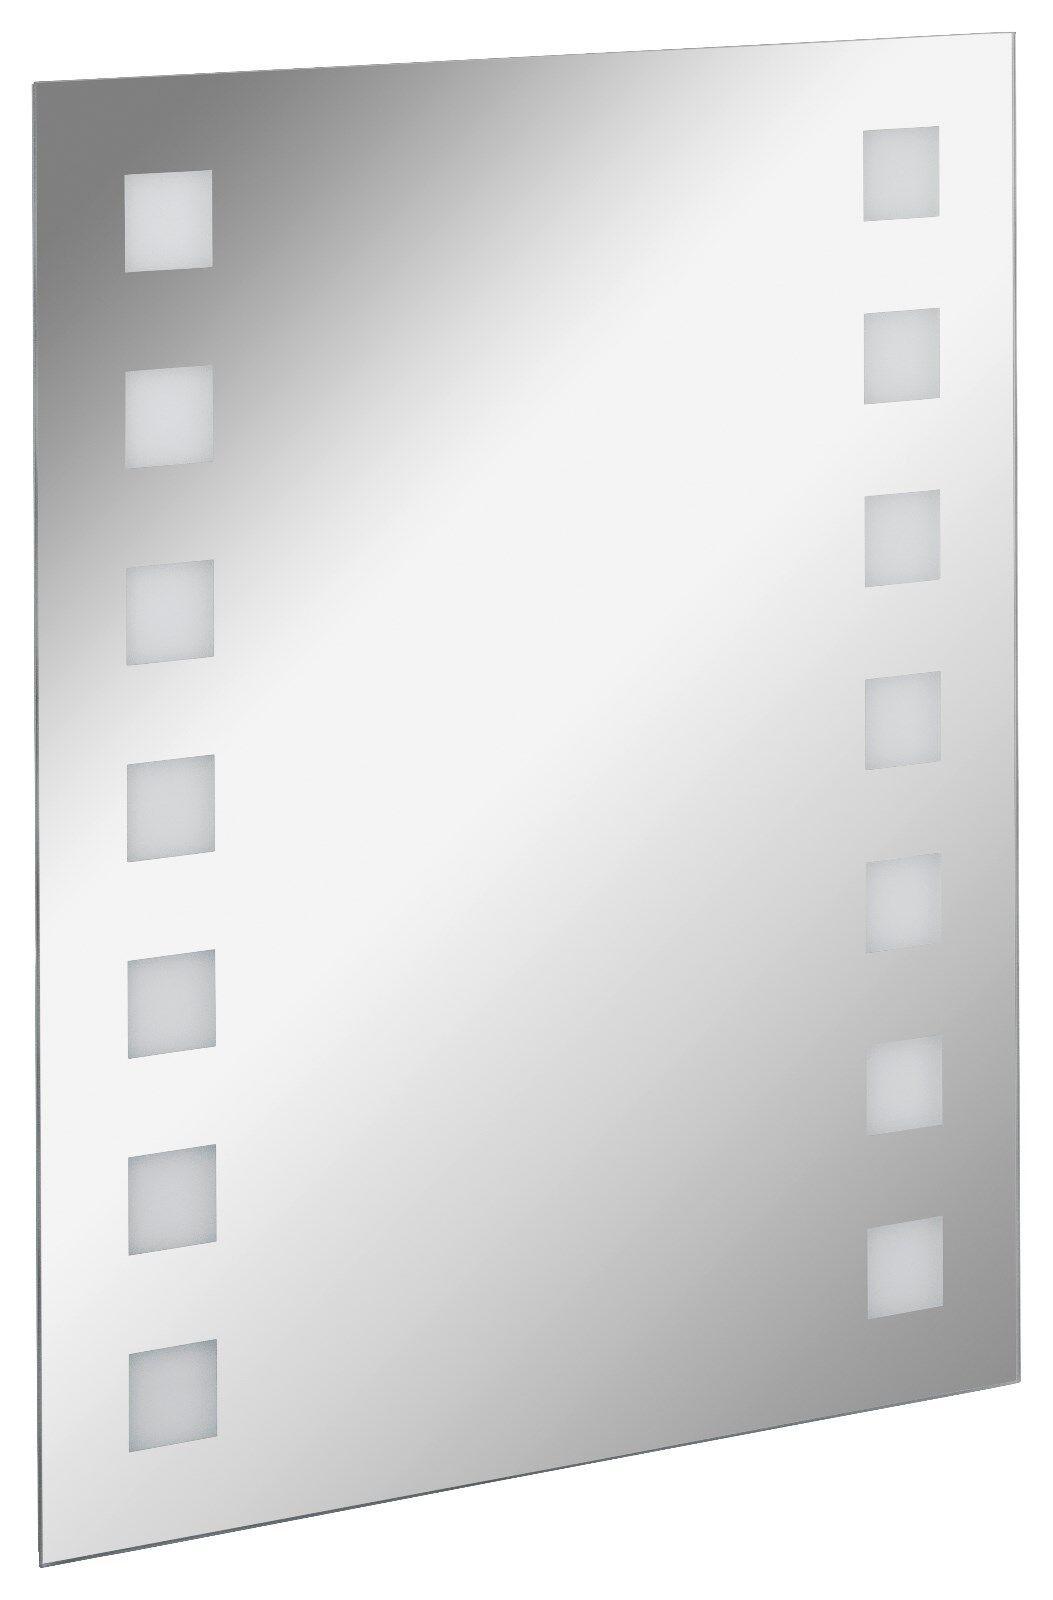 Fackelmann LED Spiegel Badspiegel Wandspiegel beleuchtet Breite 60 60 60 cm Höhe 75 cm 1f432f